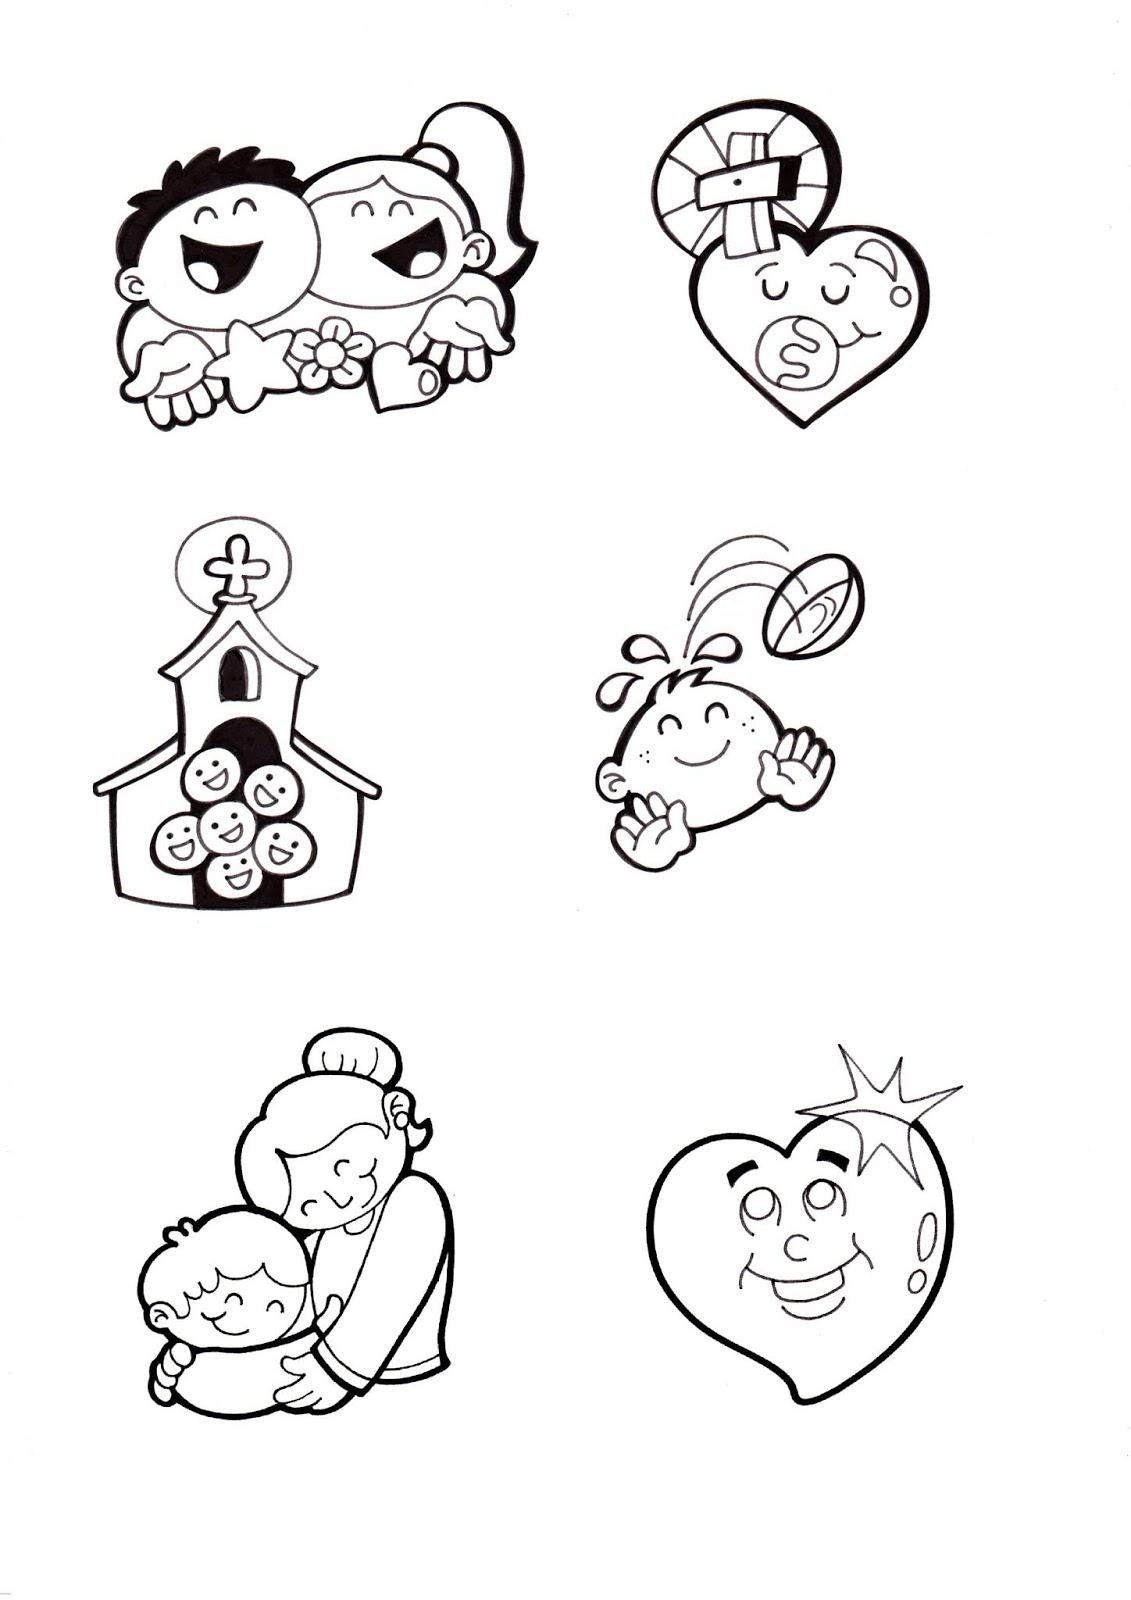 El Rincón de las Melli: Dibujos para colorear (para los más chiquitos)